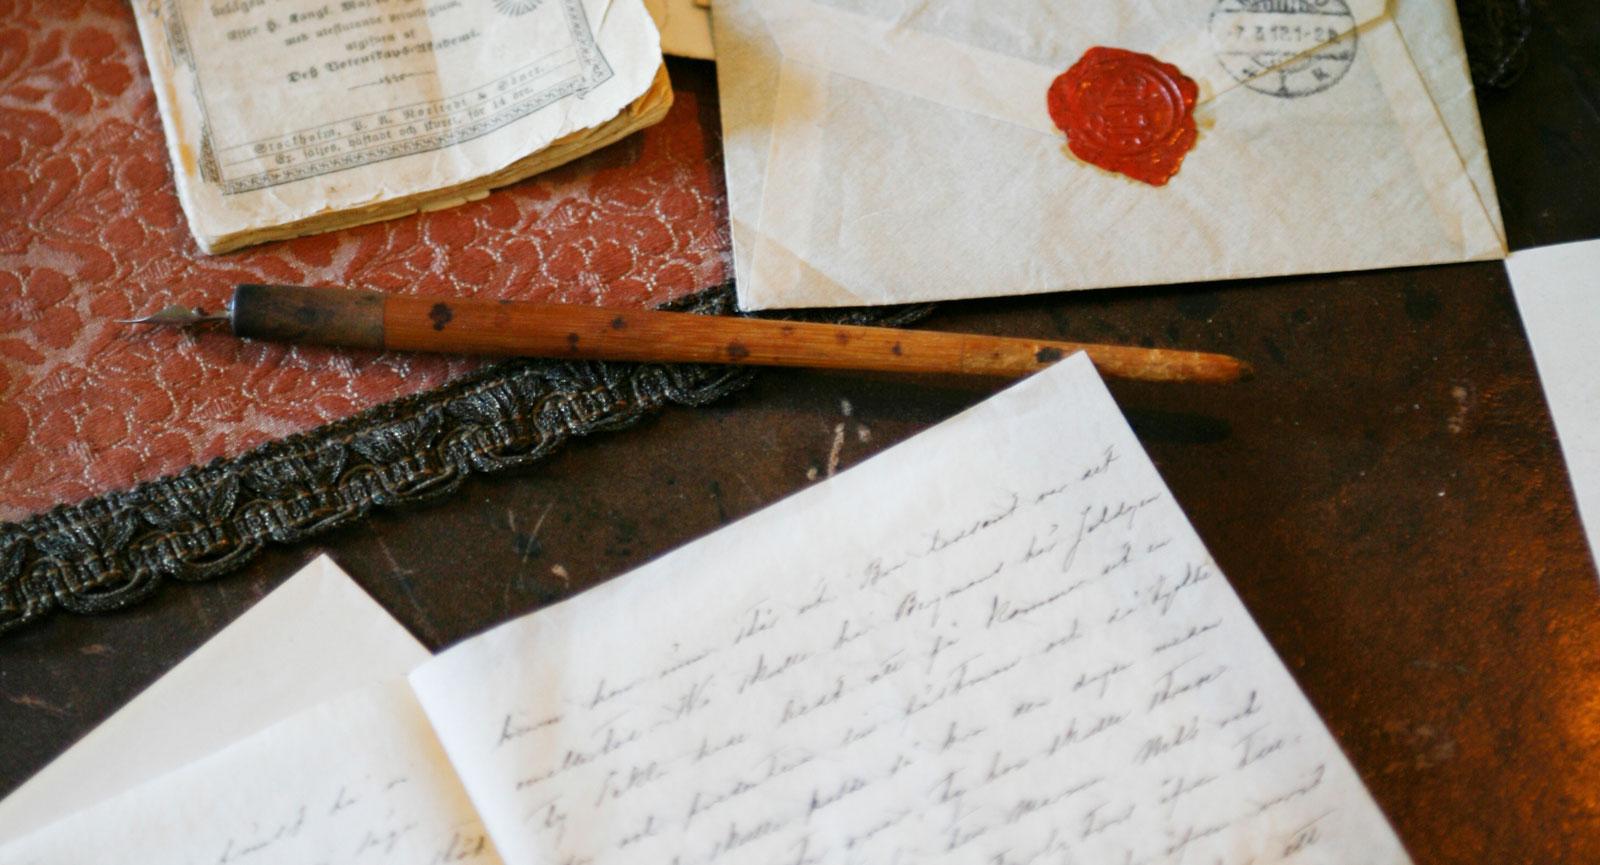 Alfred Nobel ägnade mycket av sin tid åt brevskrivande och långa tröttsamma resor mellan fabriker och köpare världen över.